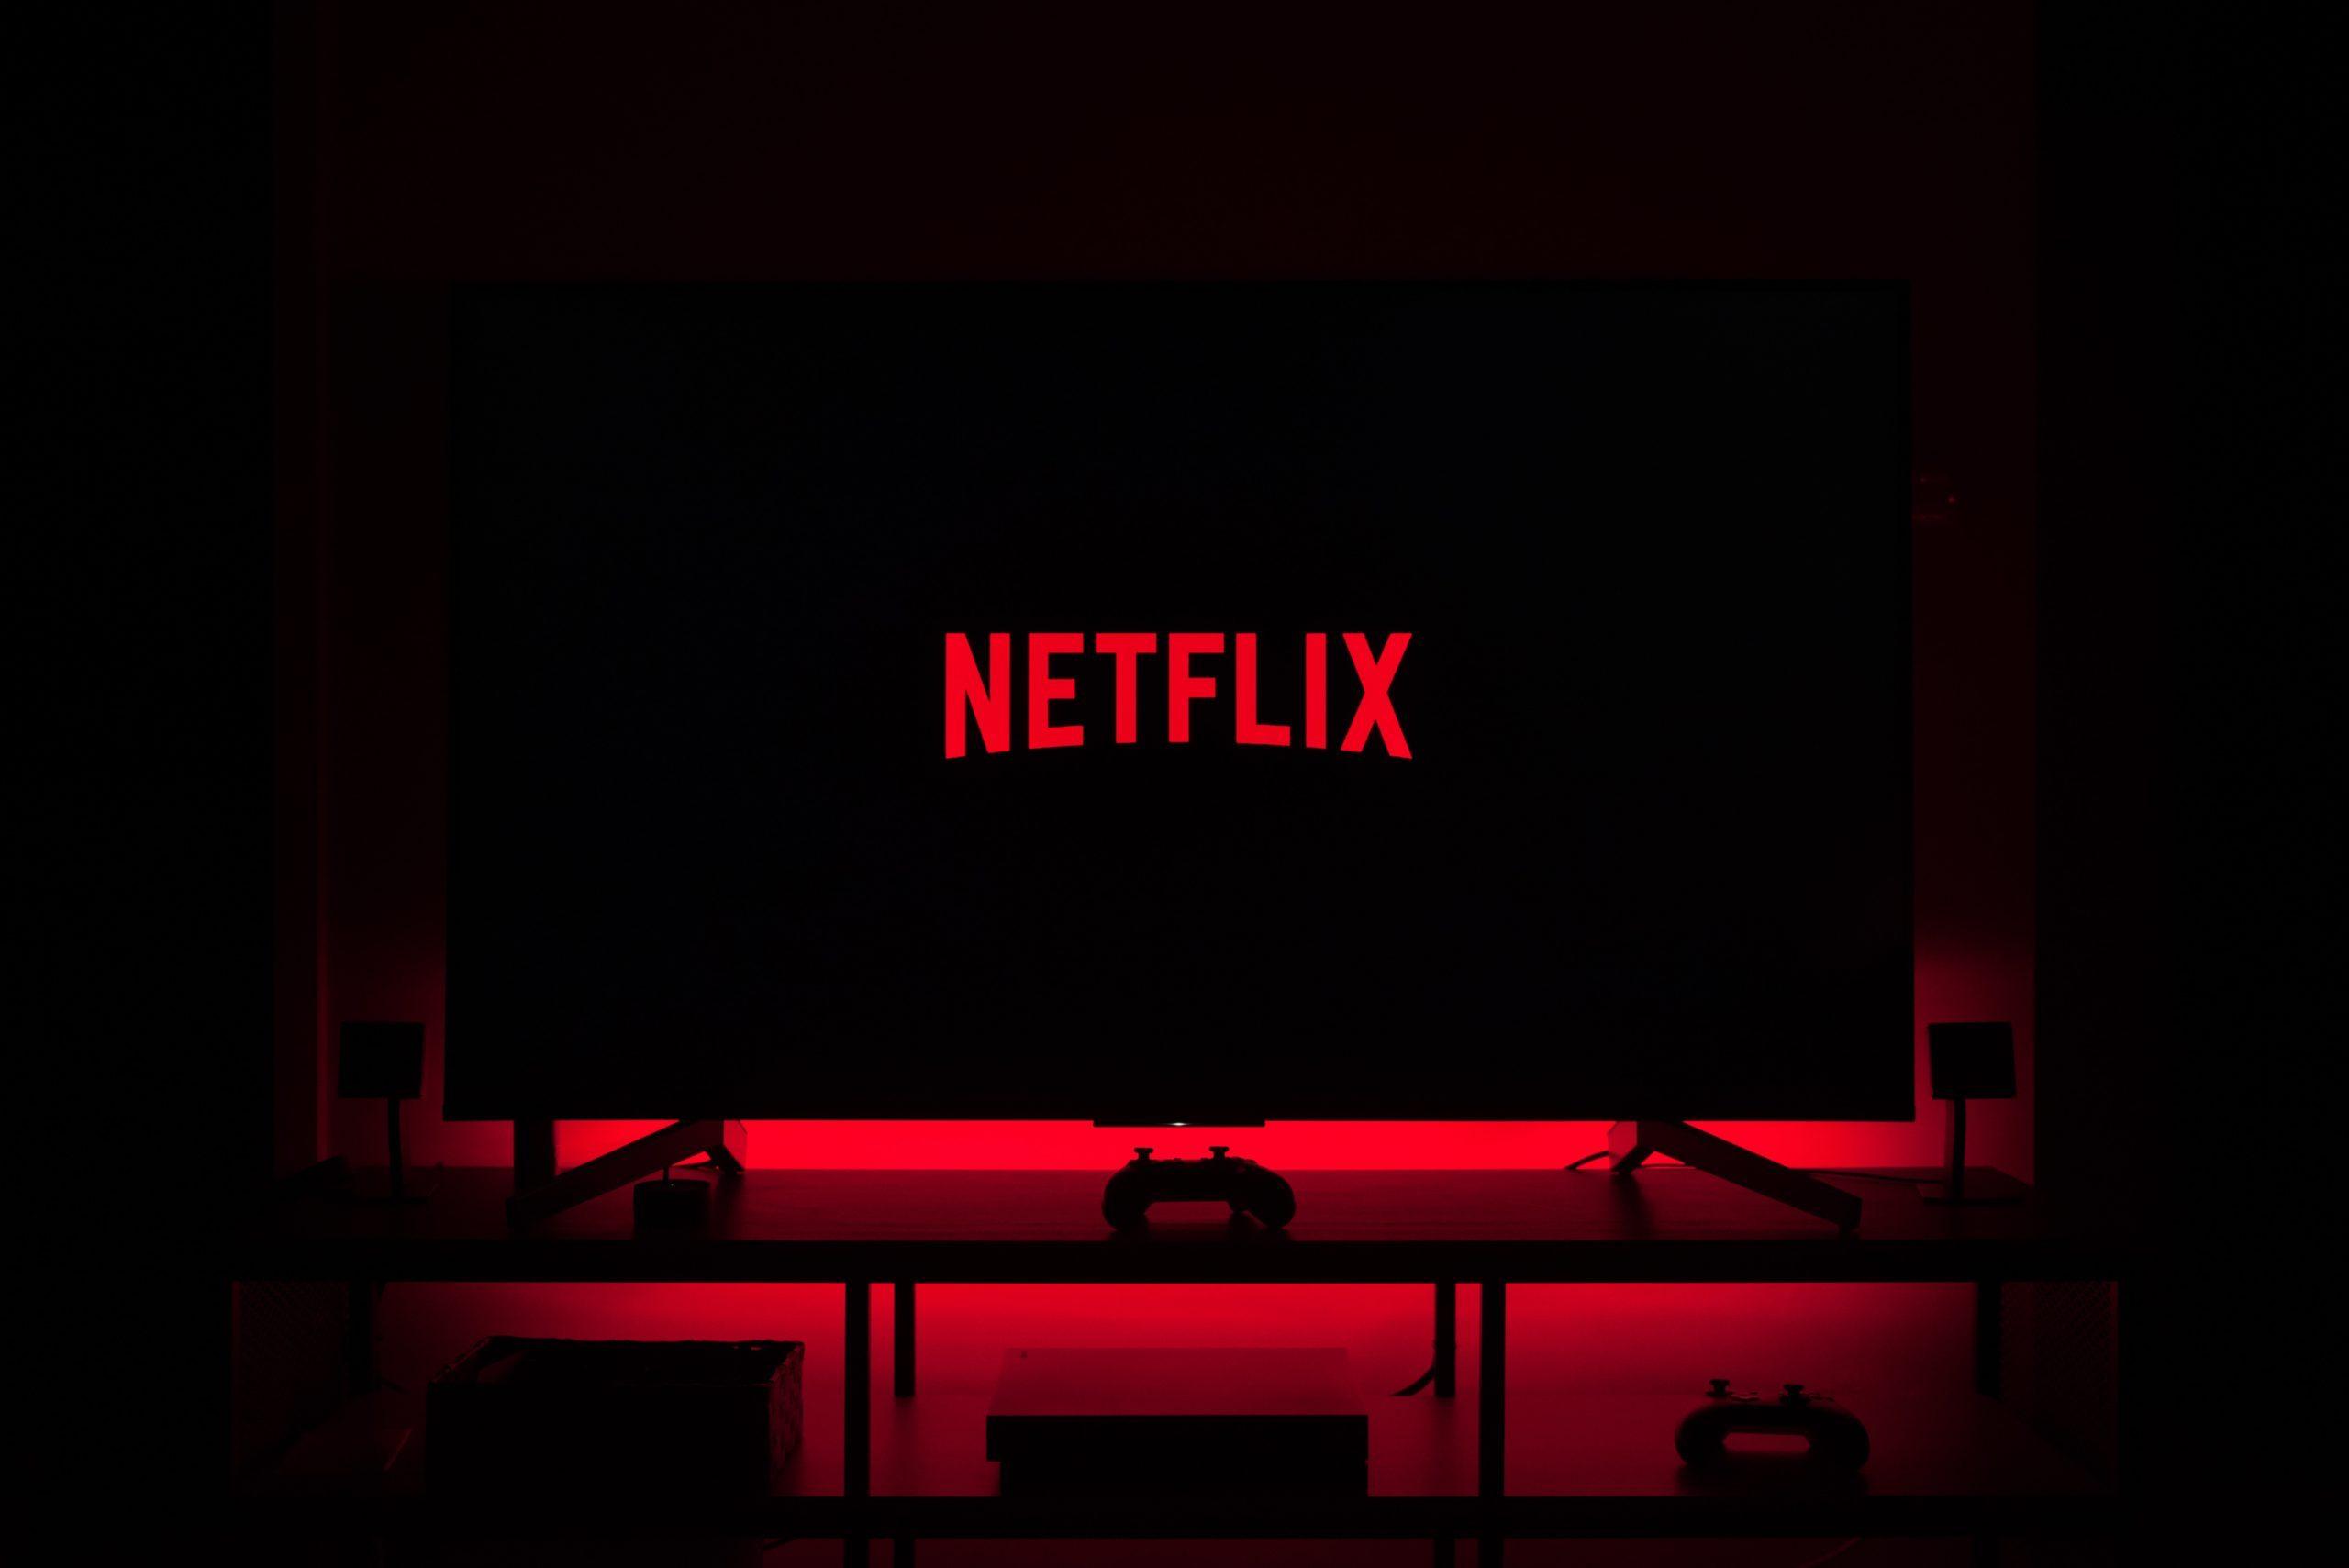 Netflix Grátis – Saiba Como Ter Netflix Grátis Agora